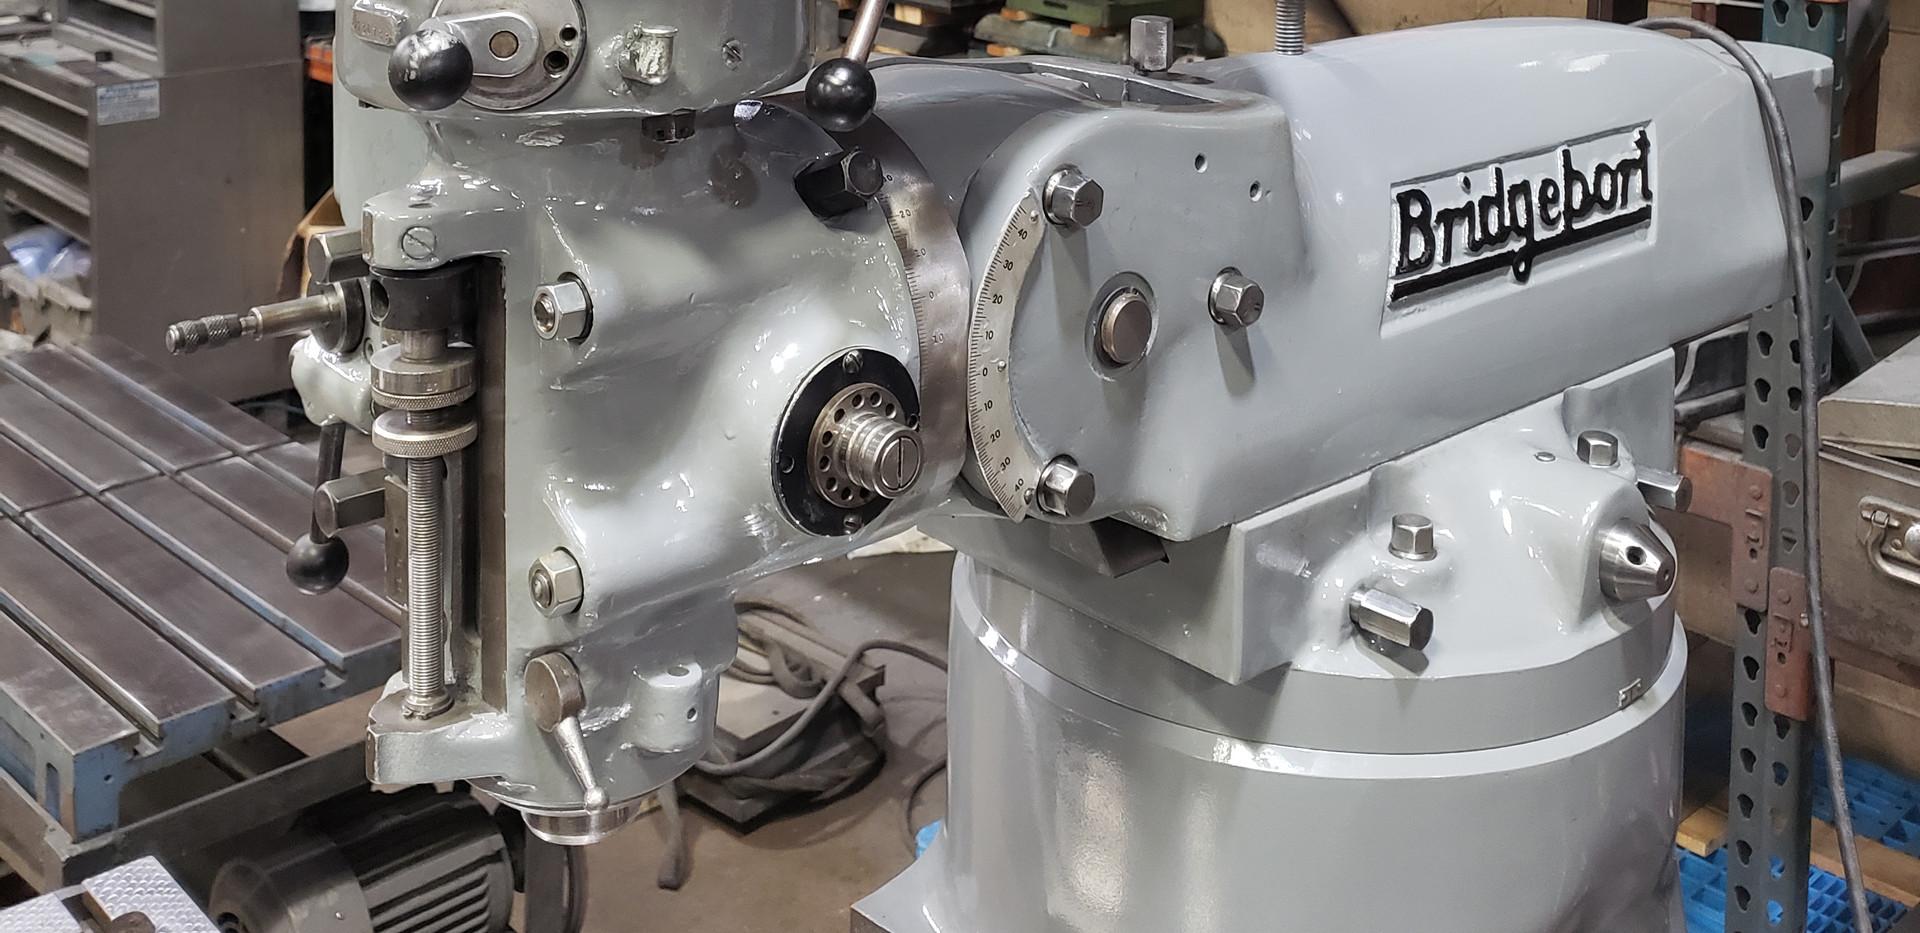 Closeup of machine head